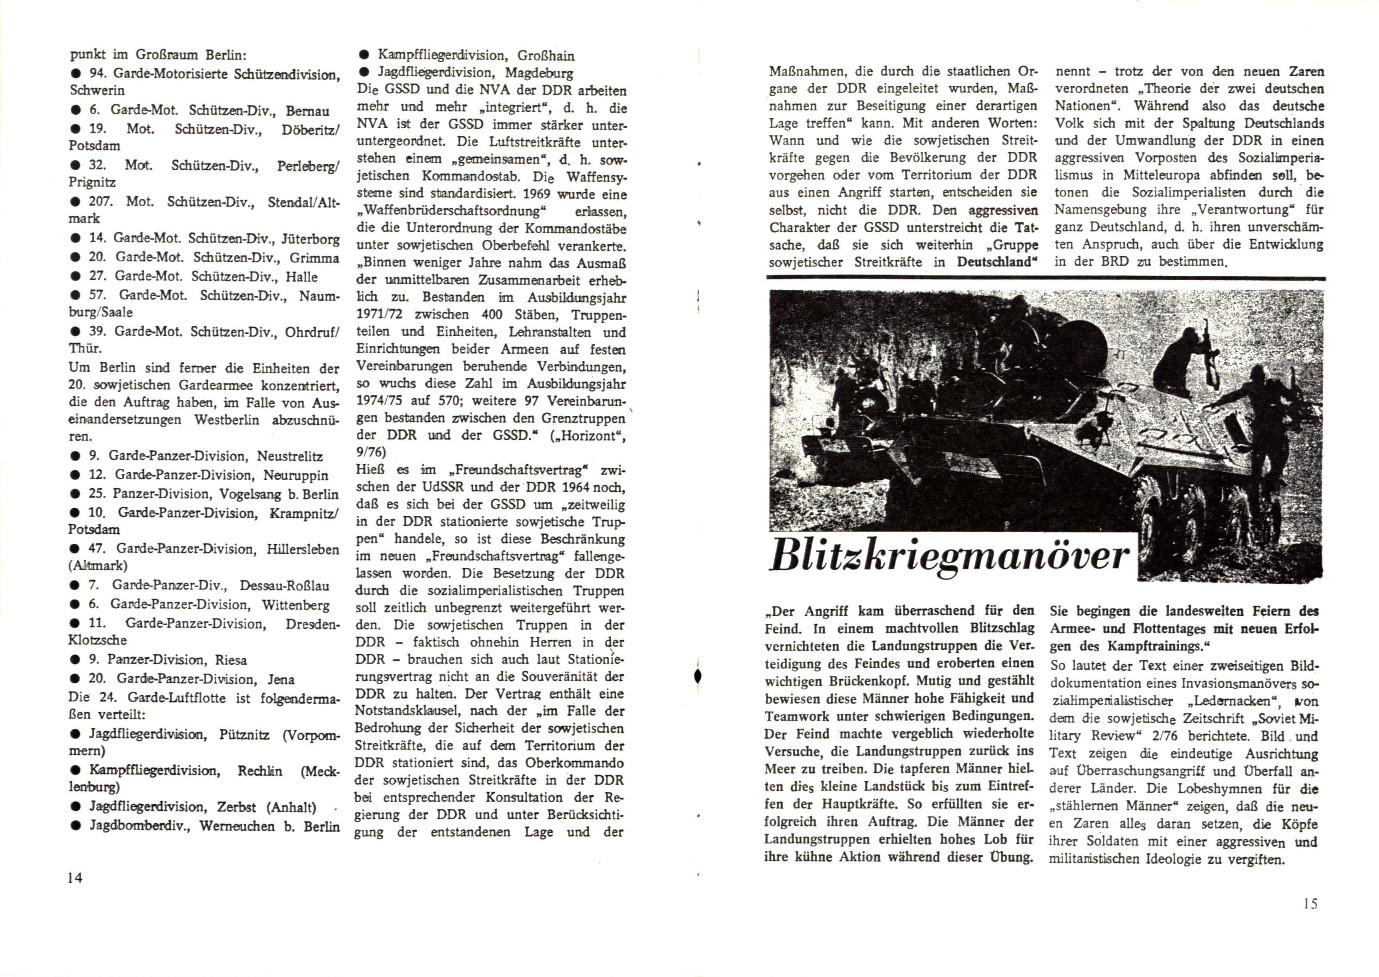 KPDAO_1976_Artikel_DKP_Breschnew_09